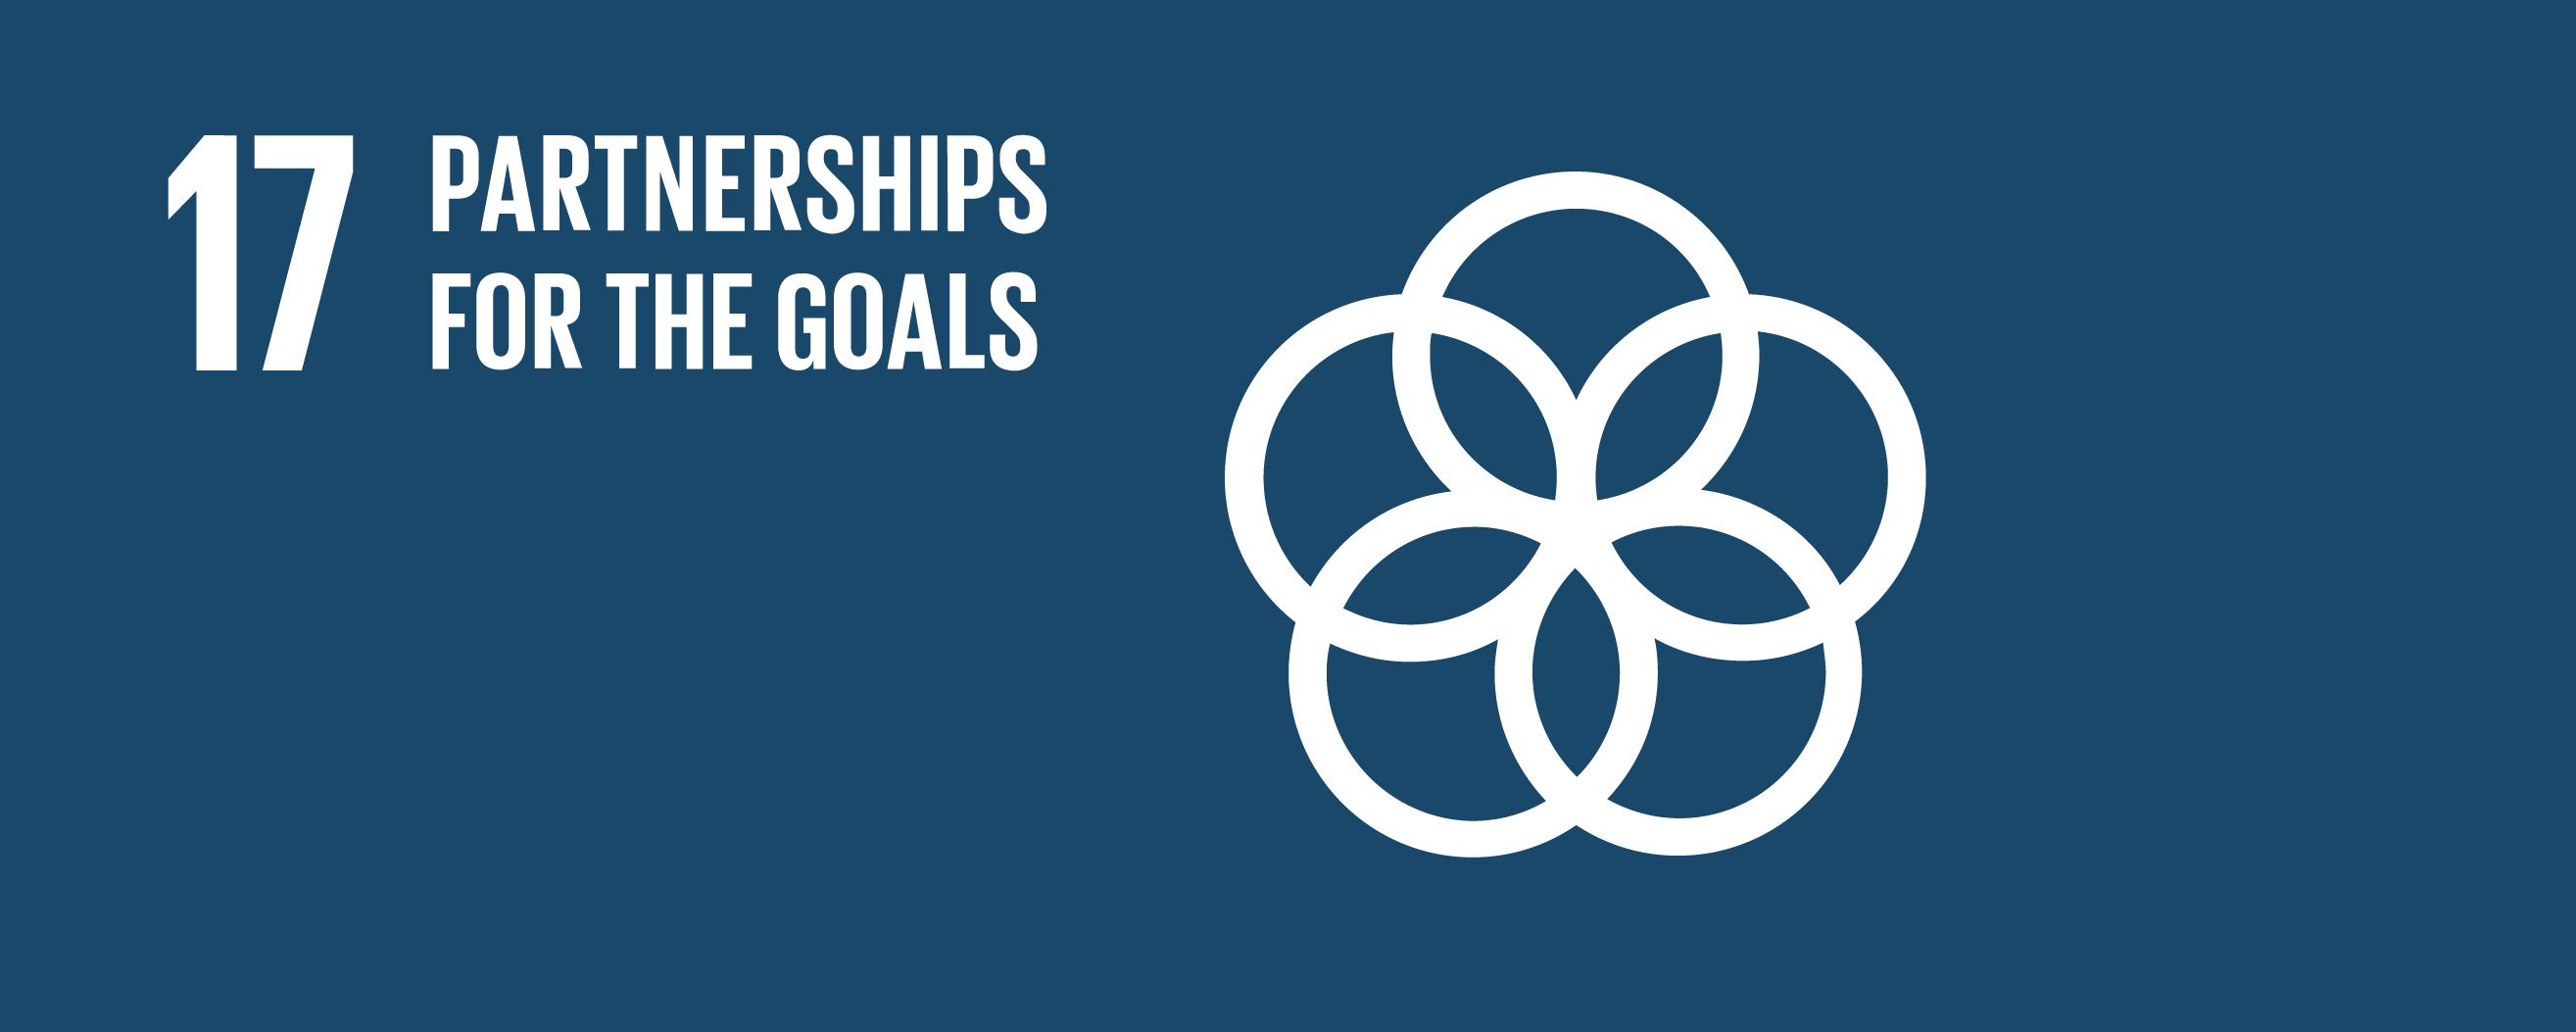 Global Goals Partnership Goal